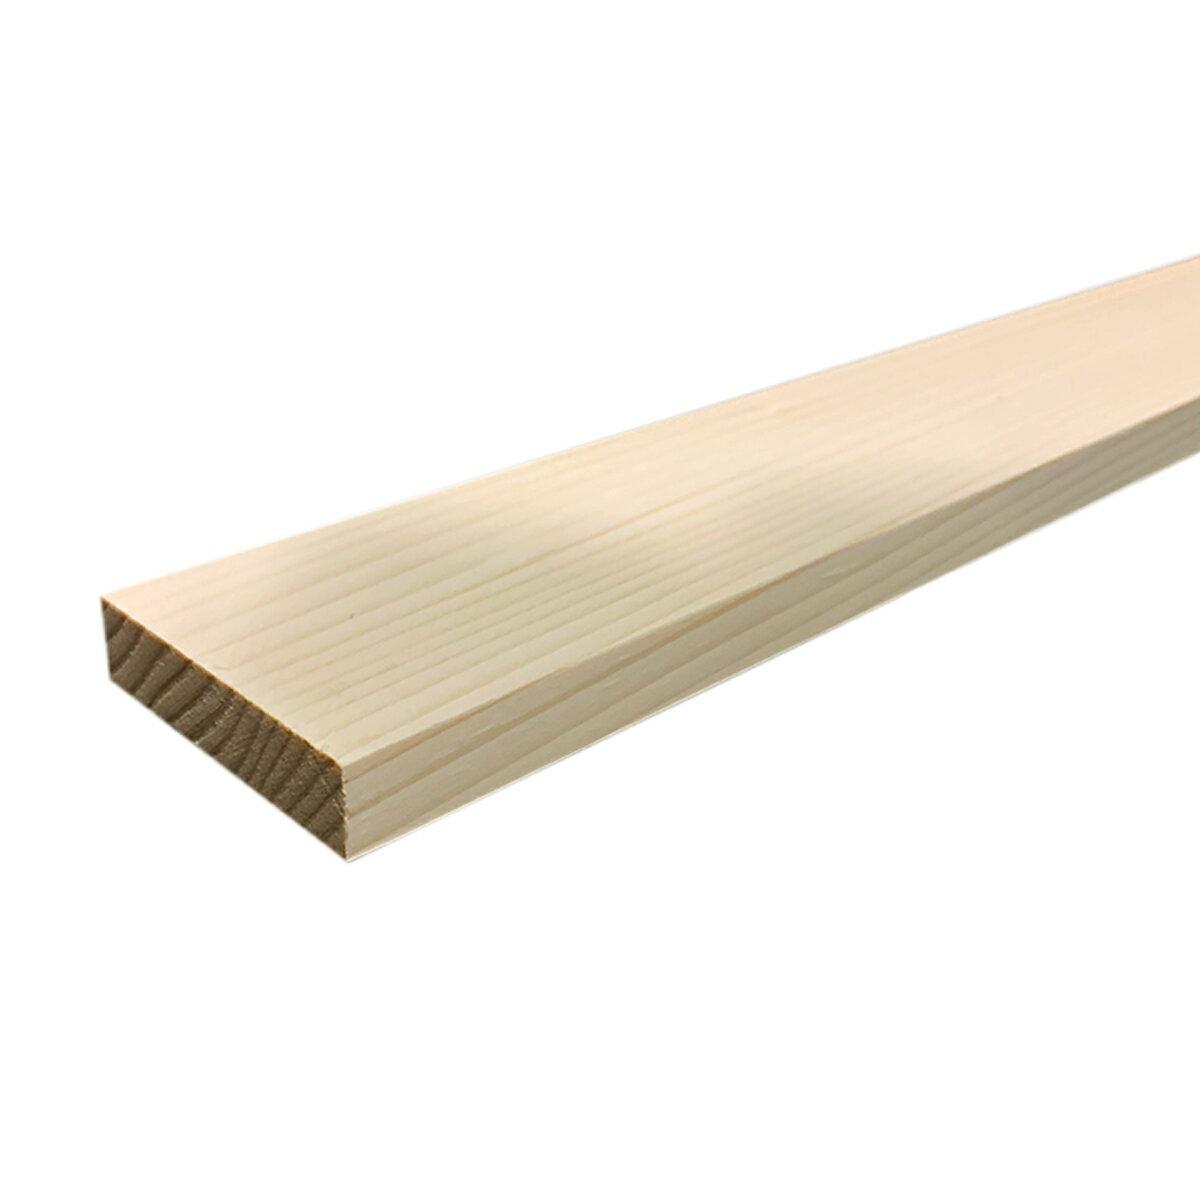 えぞ松板 四面プレーナー仕上げ 14x60x910mm 【 木材 DIY 手作り 木工 板 パイン材 】